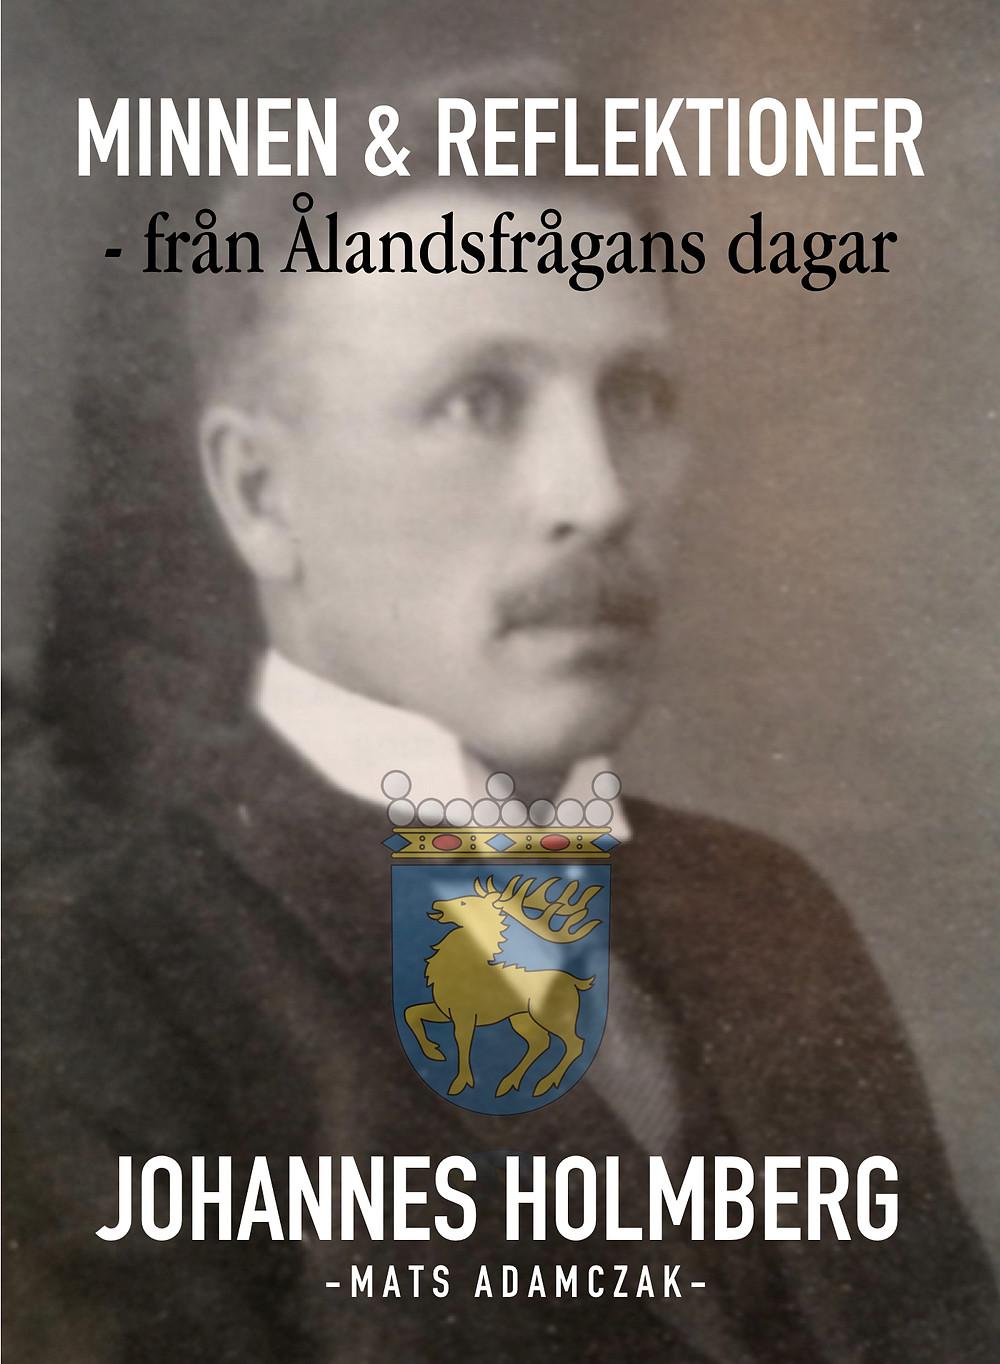 Minnen & reflektioner från Ålandsfrågans dagar